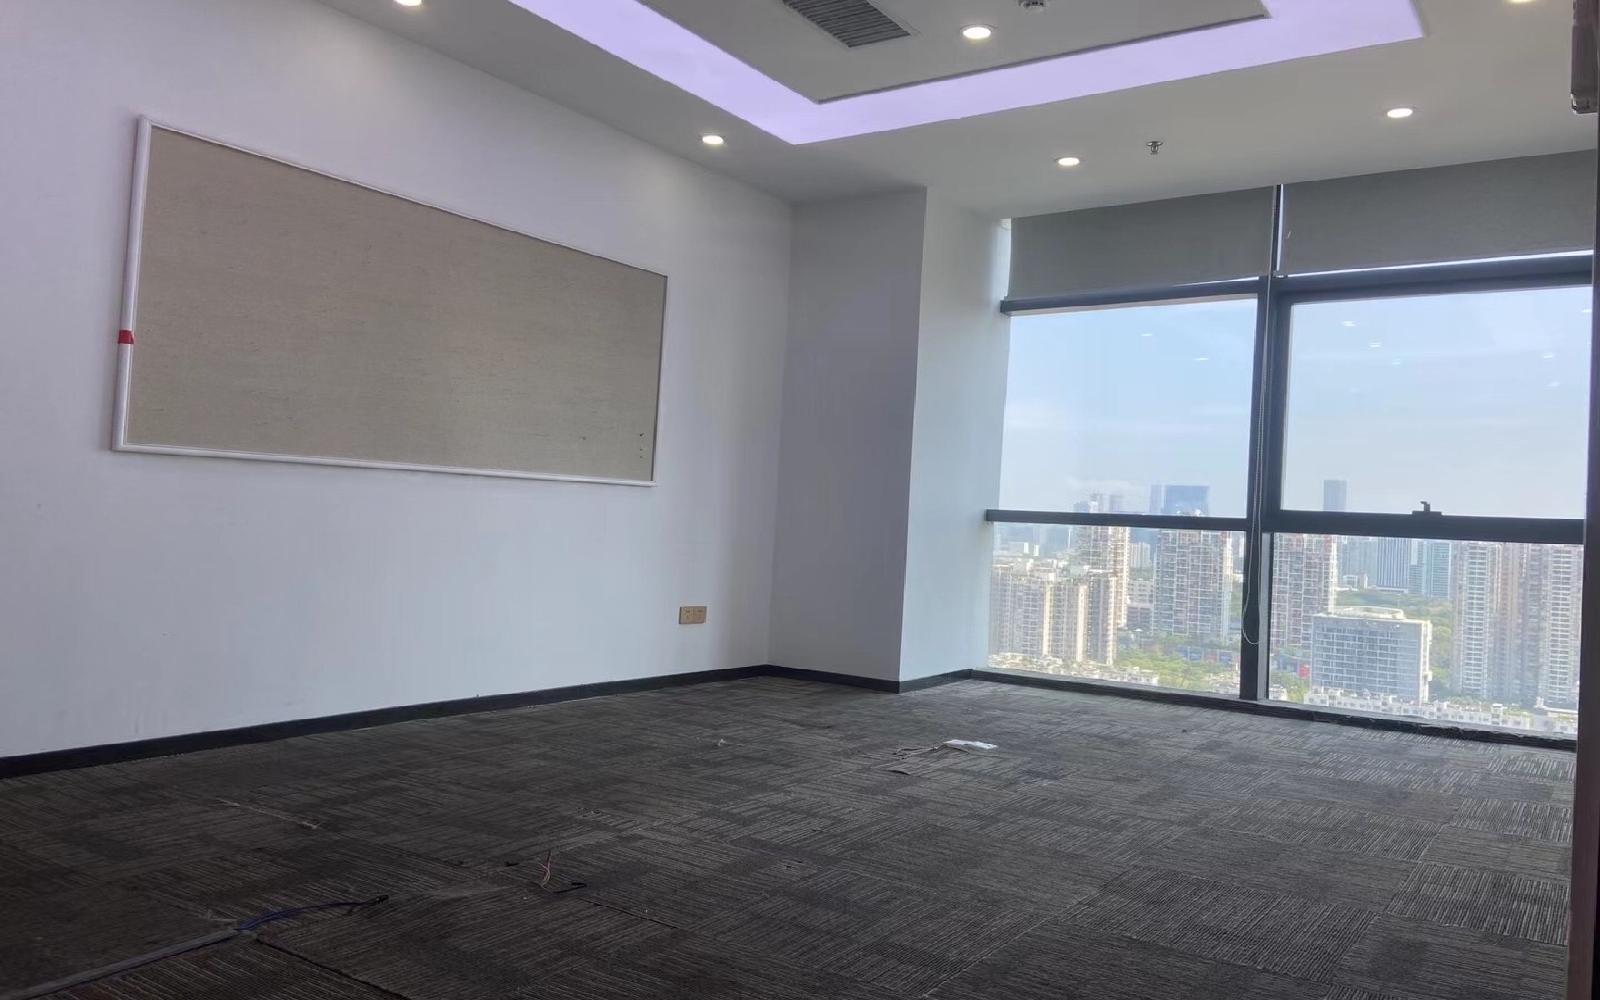 南山-南头 创新大厦 529m²